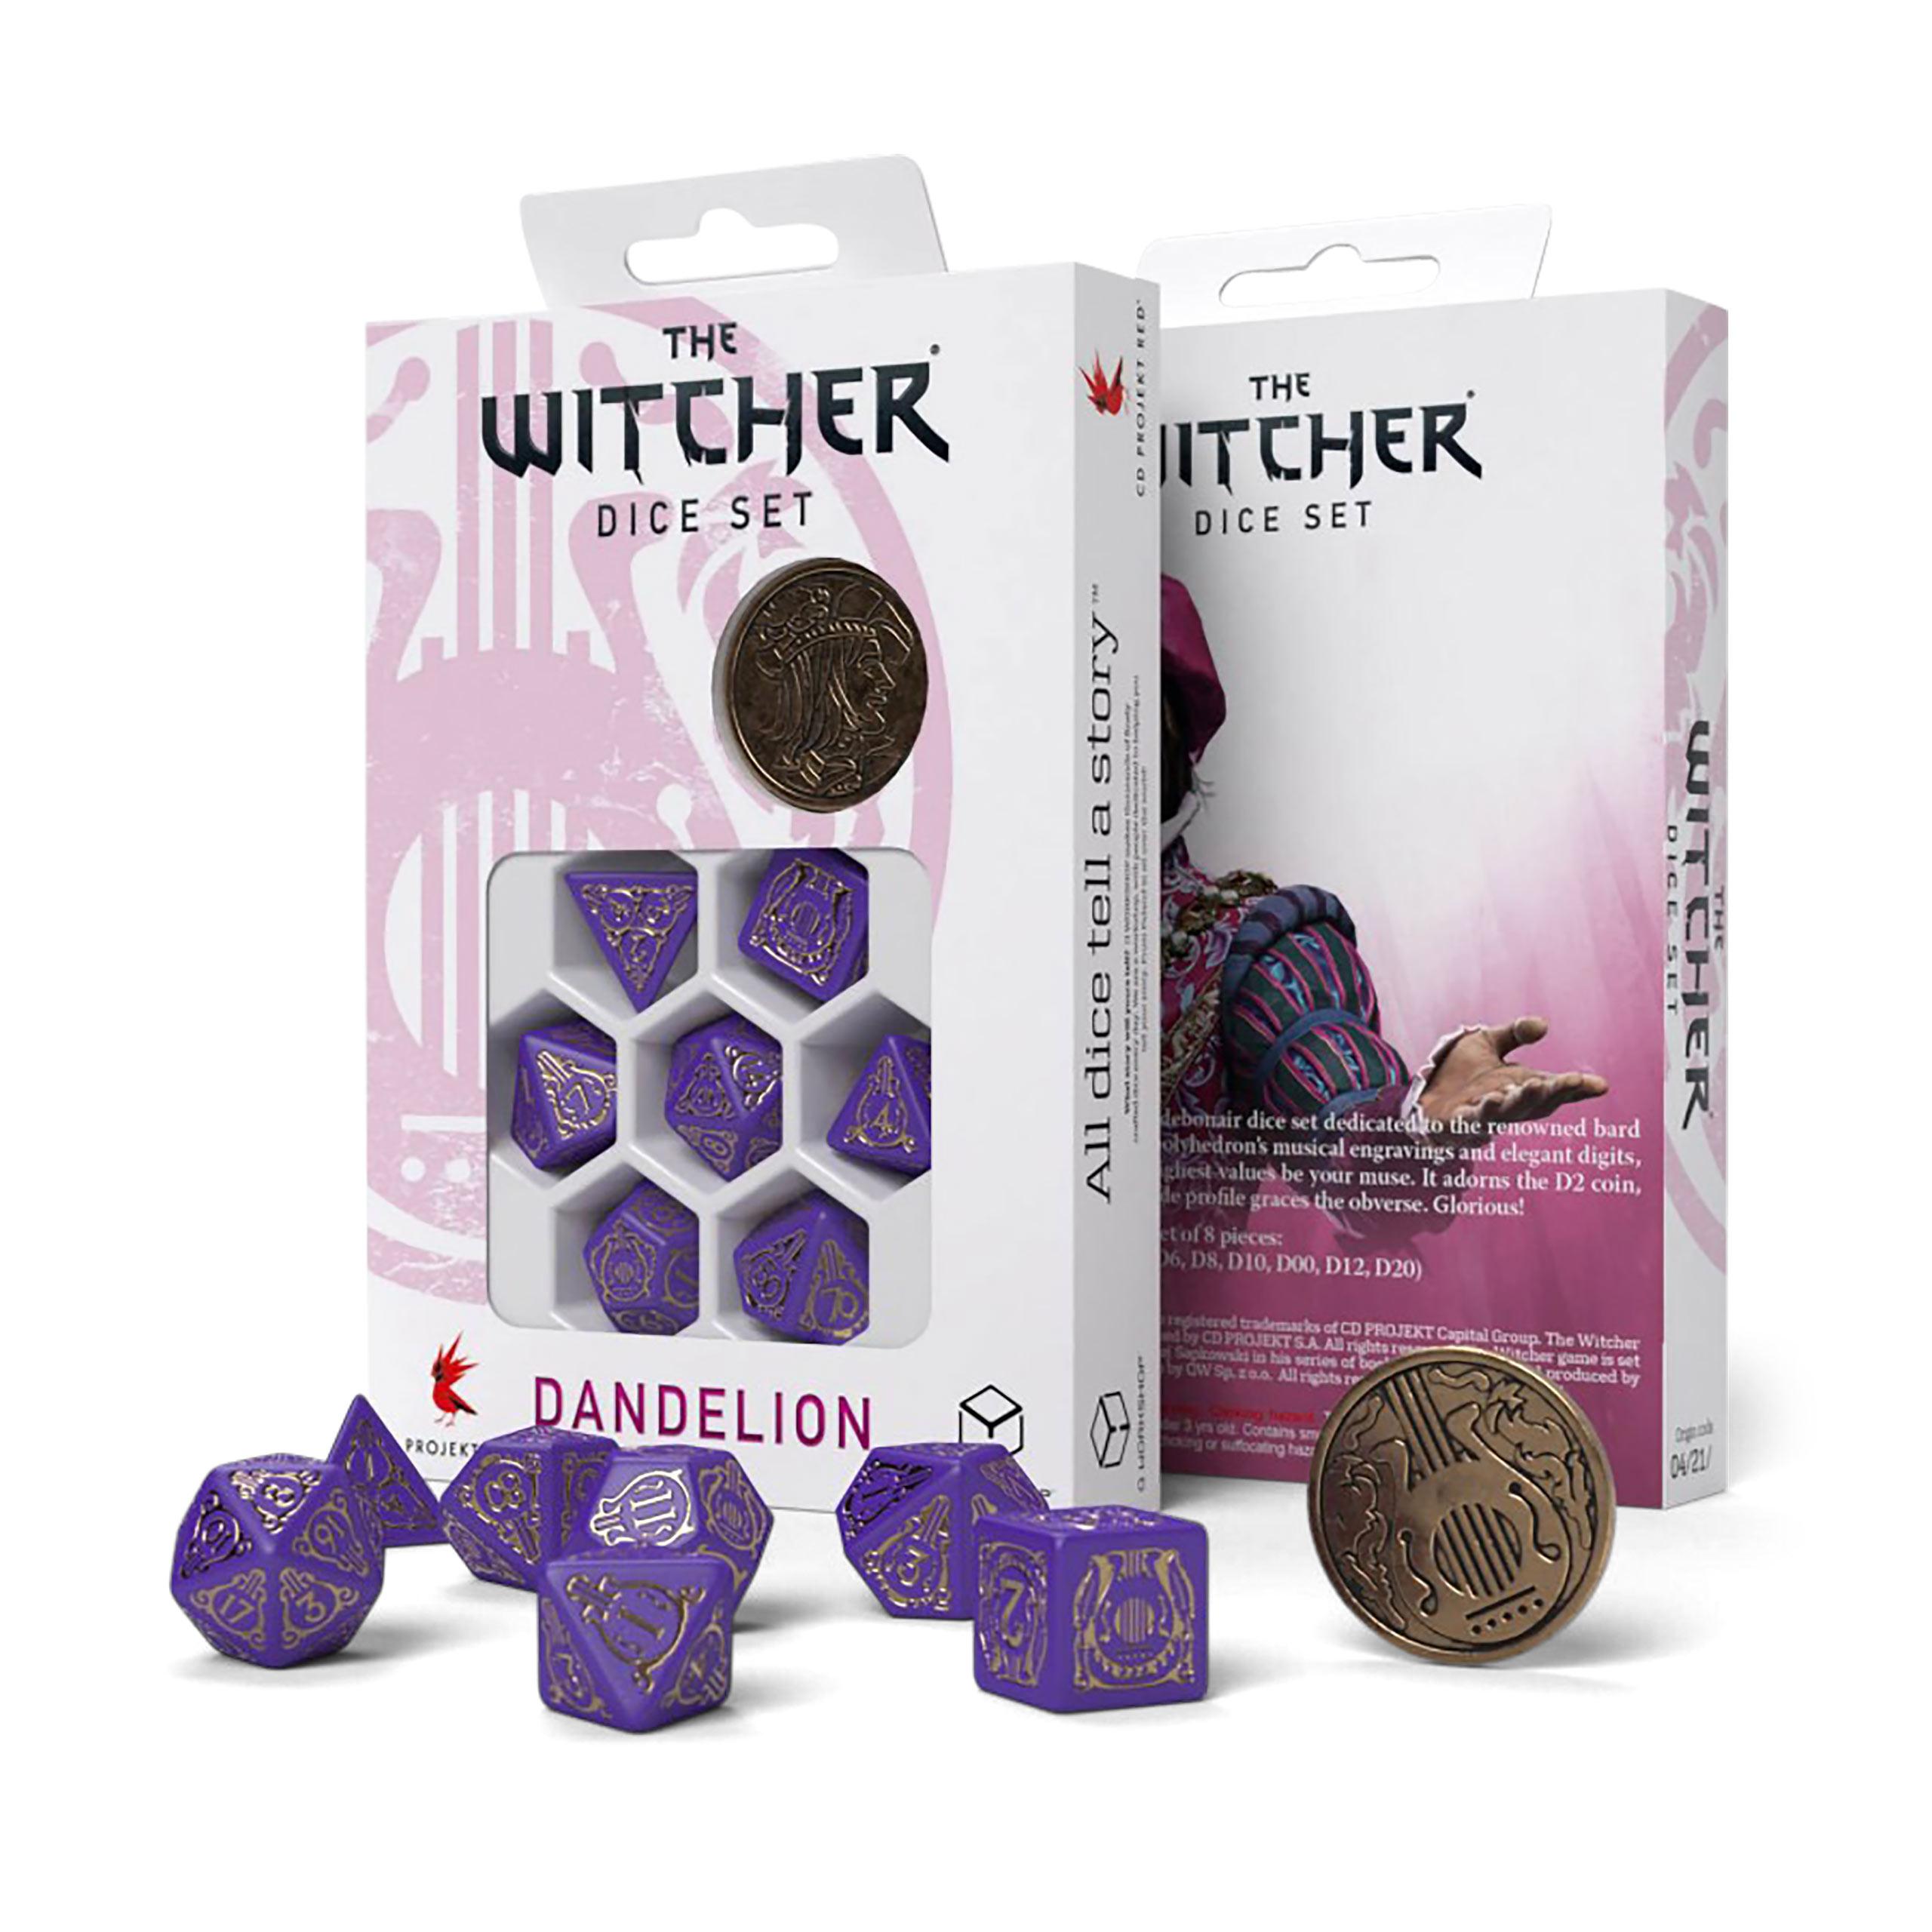 Witcher - Dandelion Viscount de Lettenhove RPG Würfel Set 7tlg mit Sammlermünze